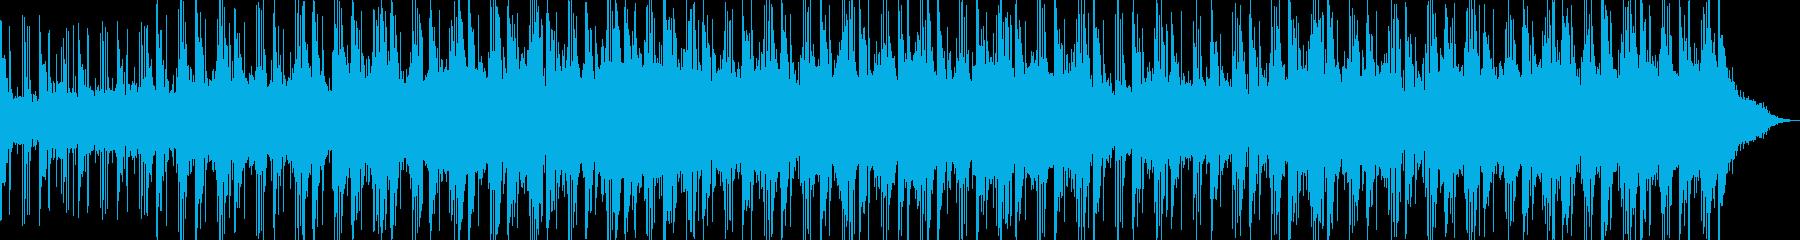 雰囲気のあるムーディーなインストゥ...の再生済みの波形